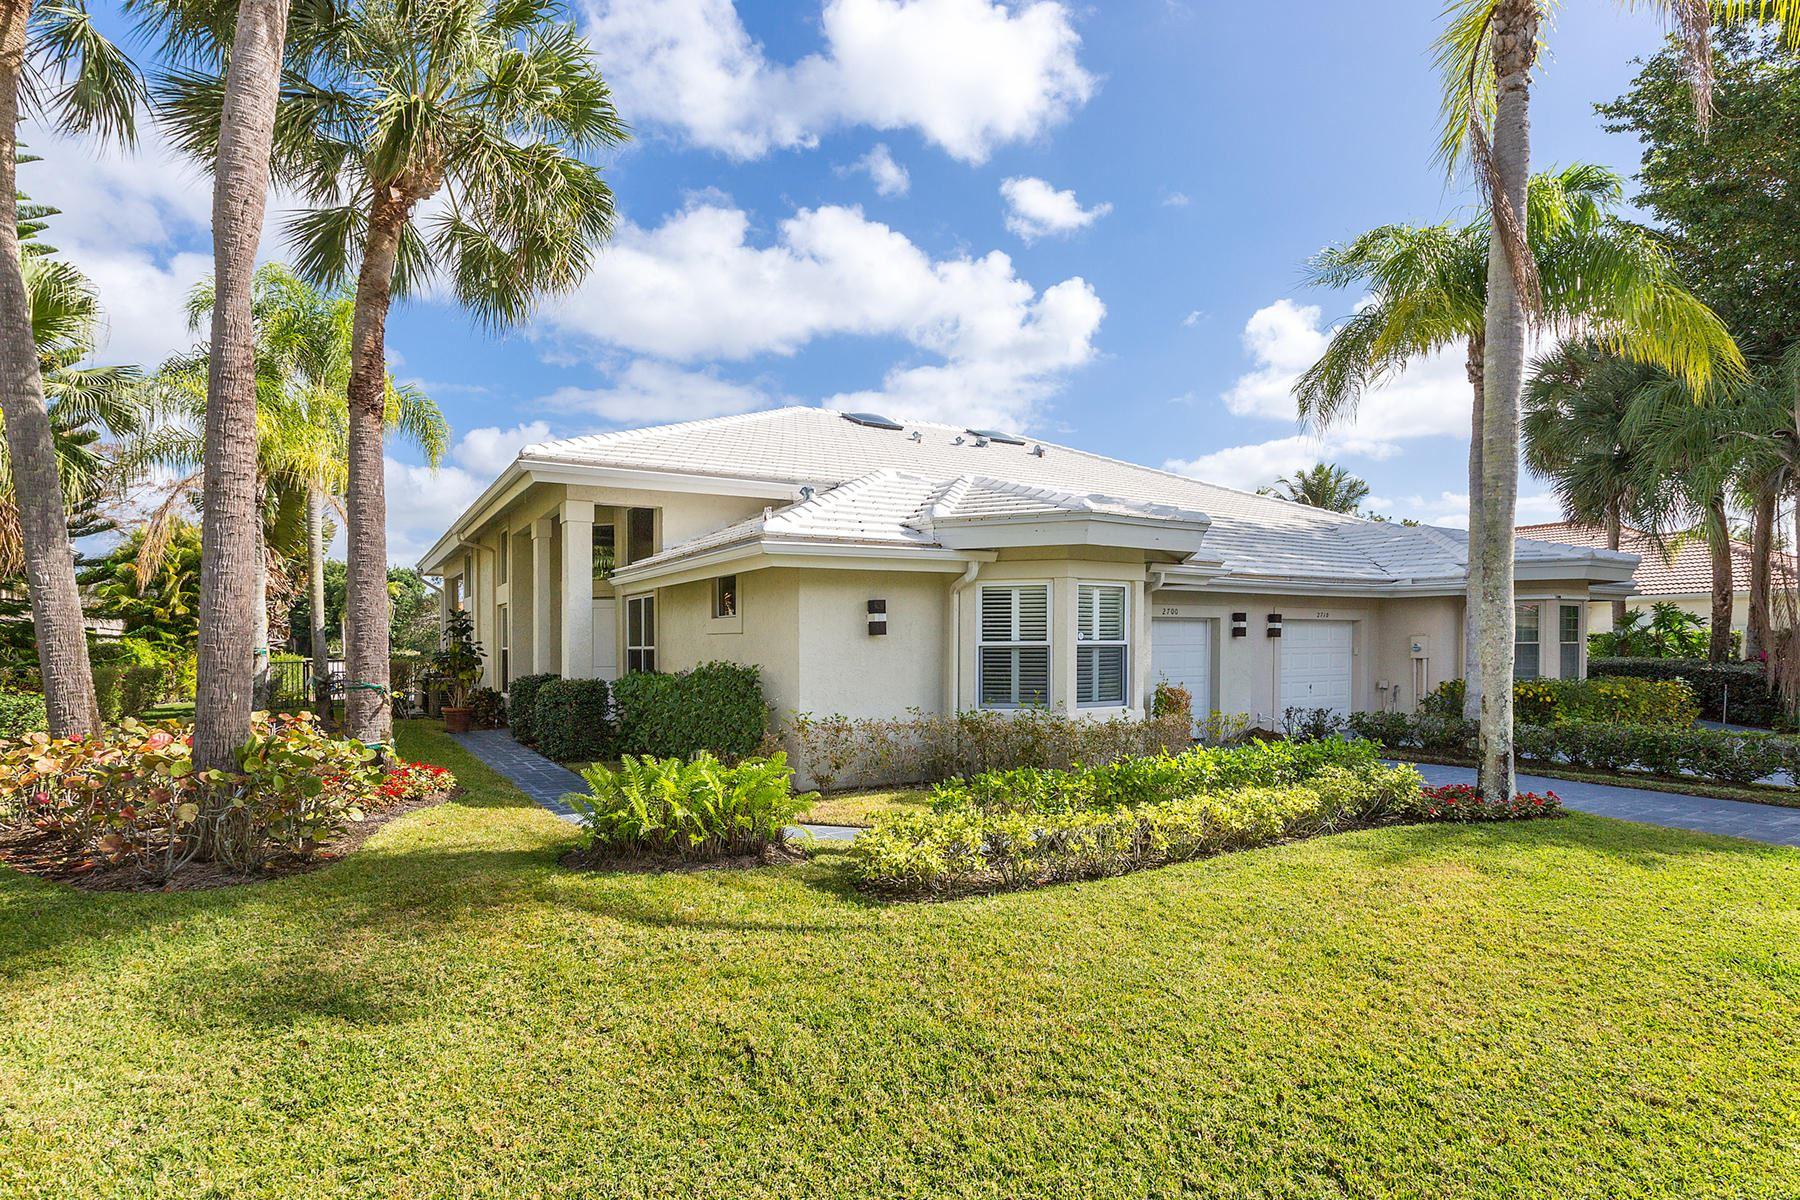 2700 Twin Oaks Way, Wellington, FL 33414 - #: RX-10594000